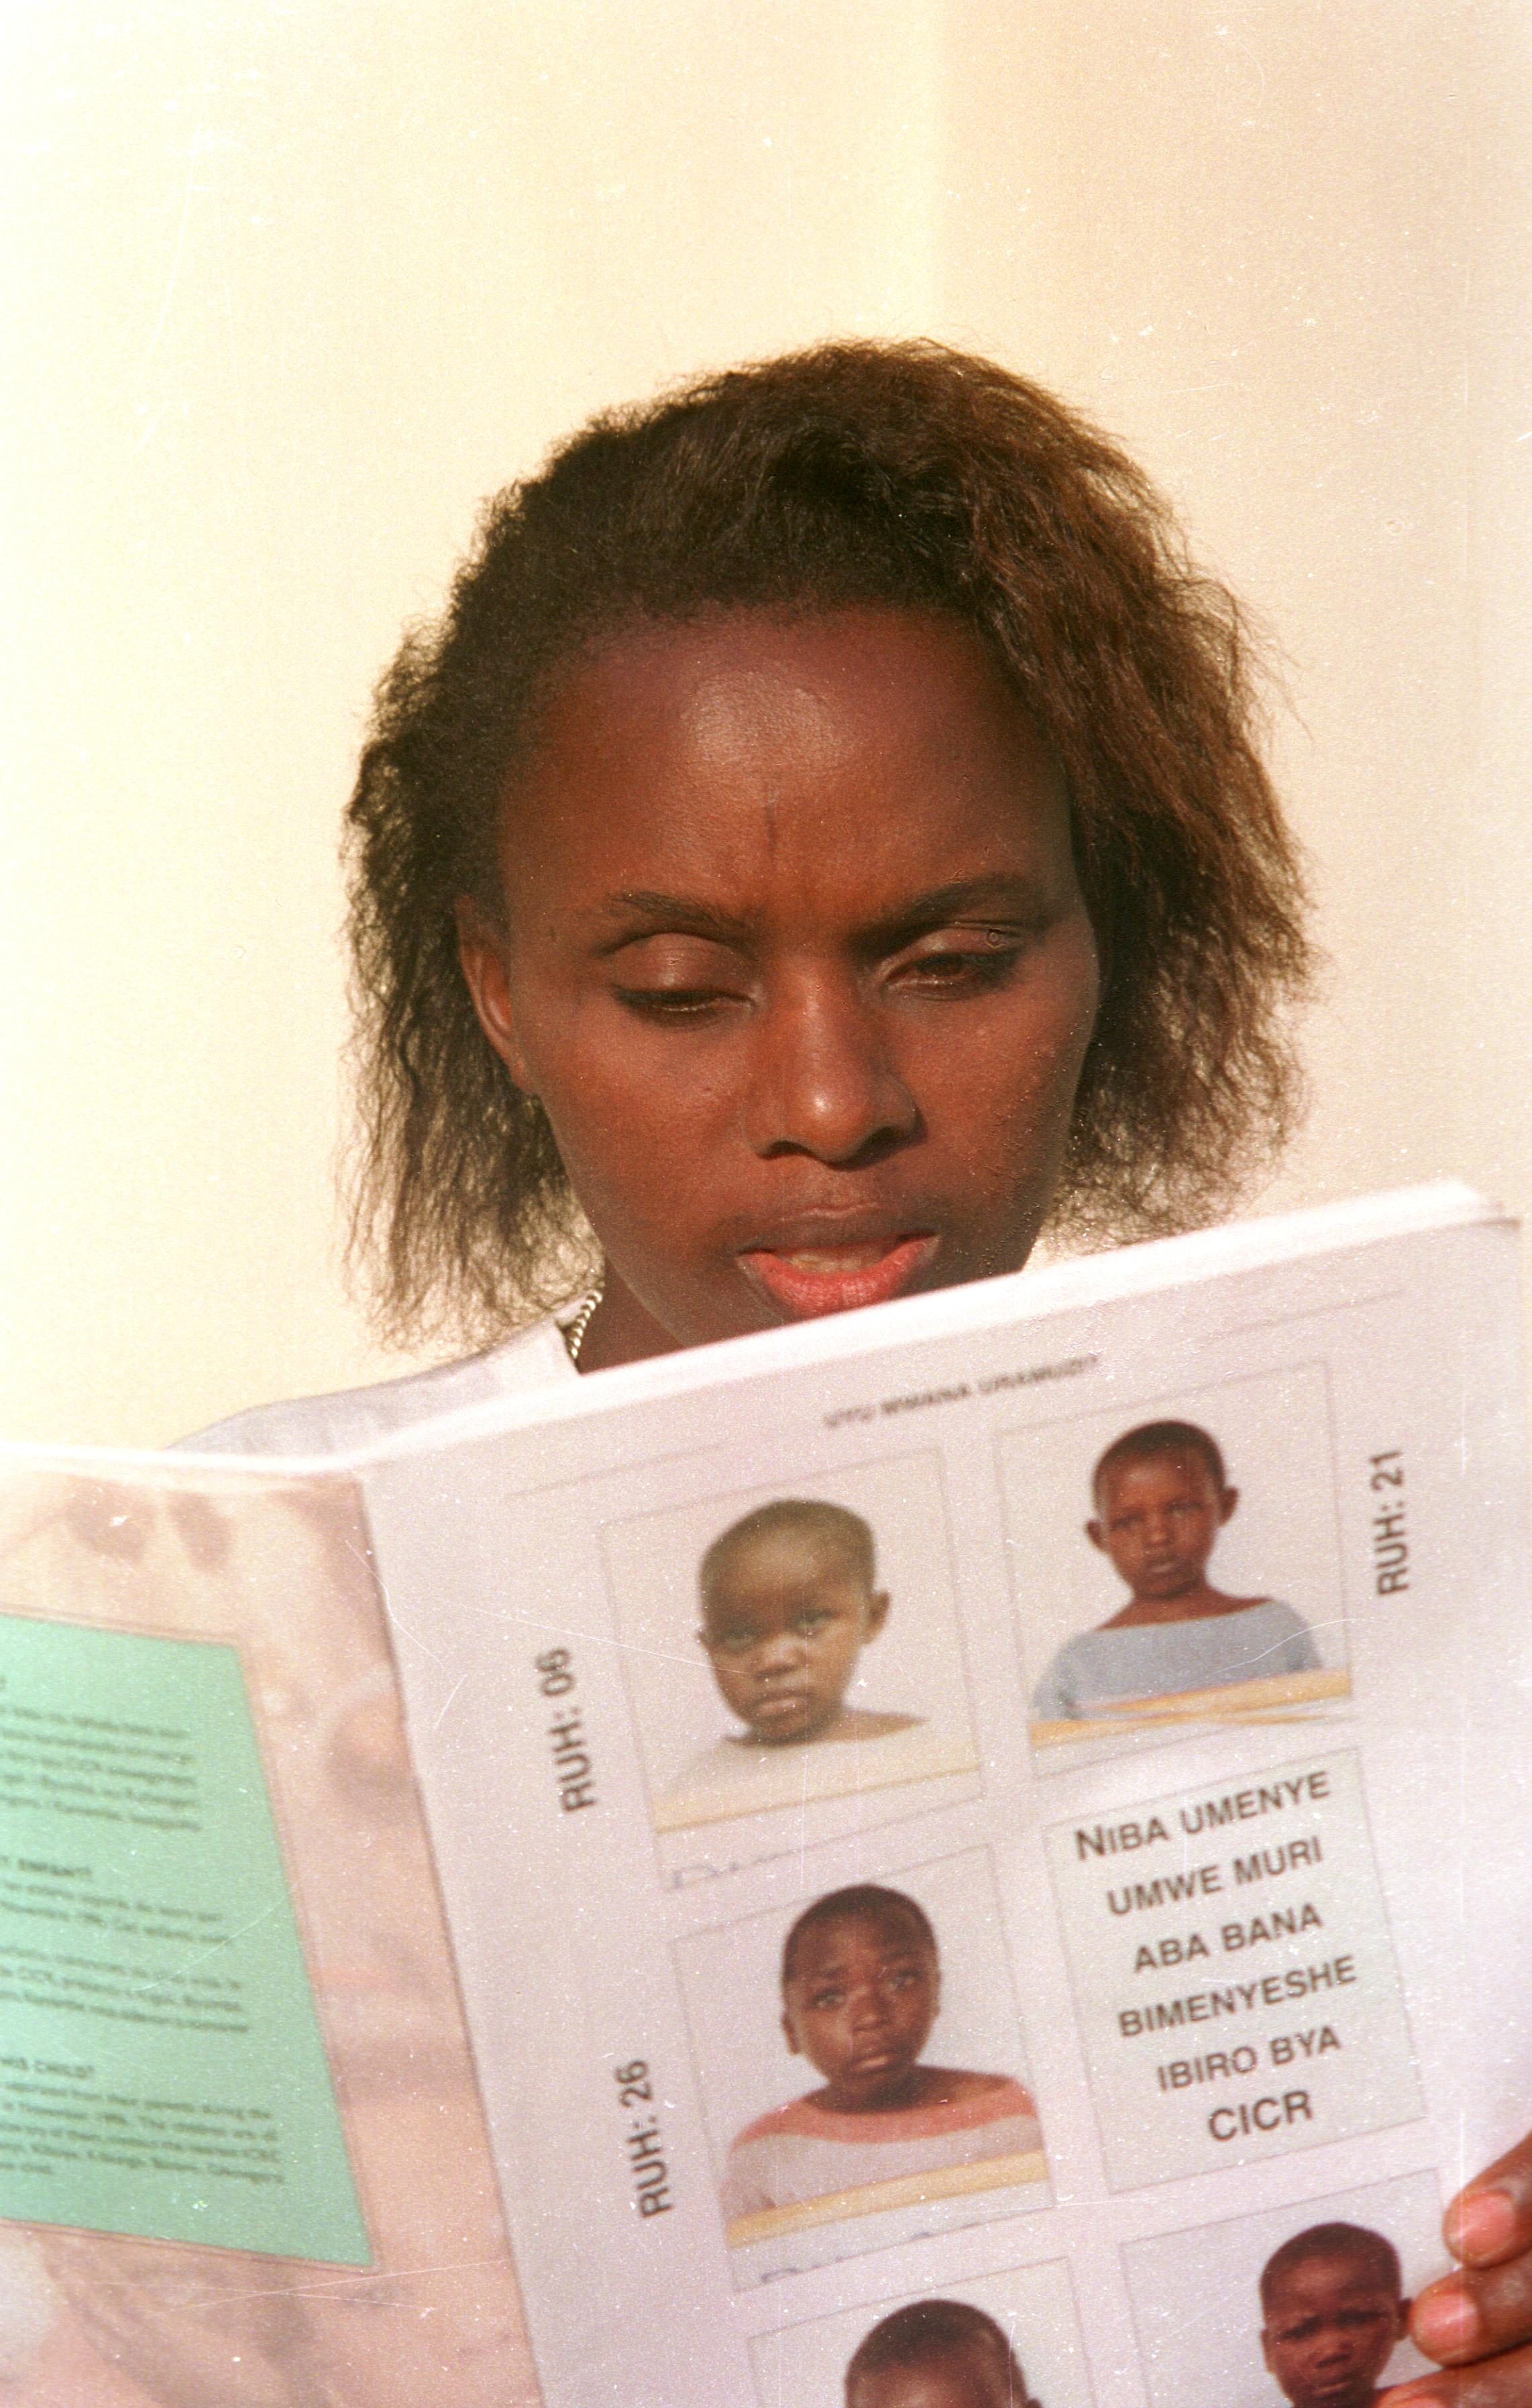 Bangui. Réfugiée rwandaise essayant d'identifier des enfants non accompagnés photographiés par le CICR. juin 99